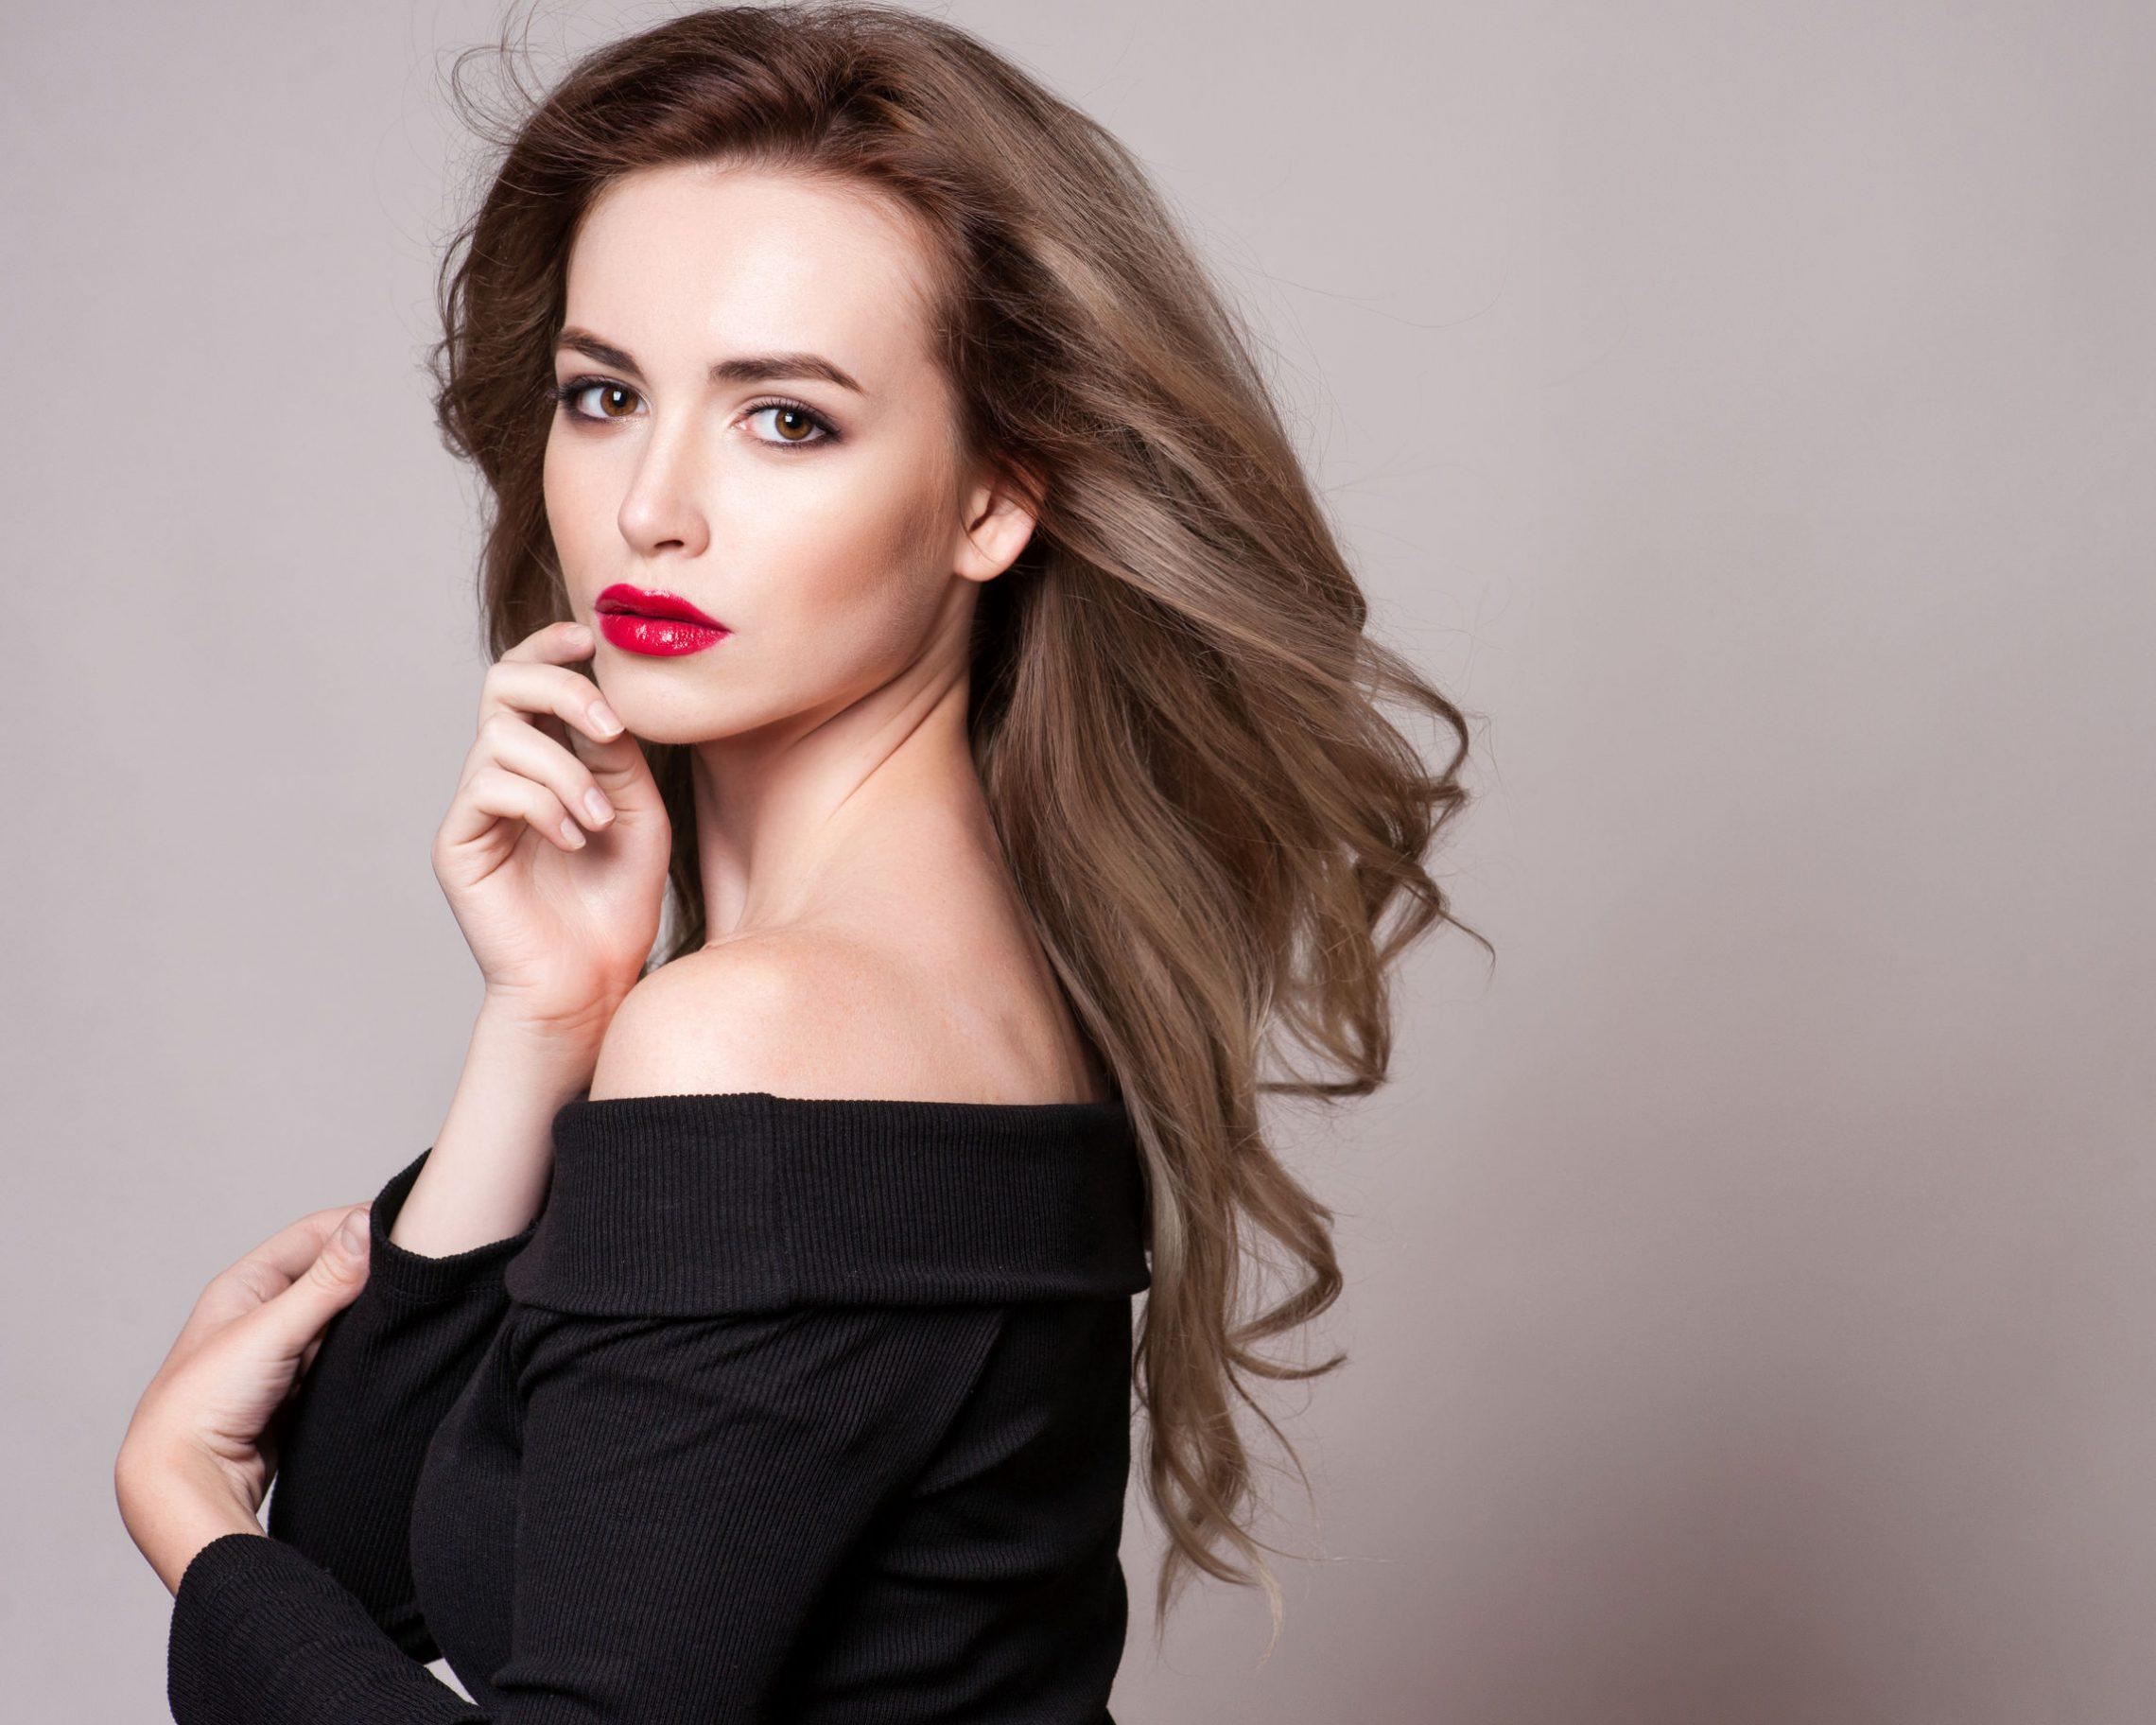 Makijaż wpływa na ocenę profesjonalizmu